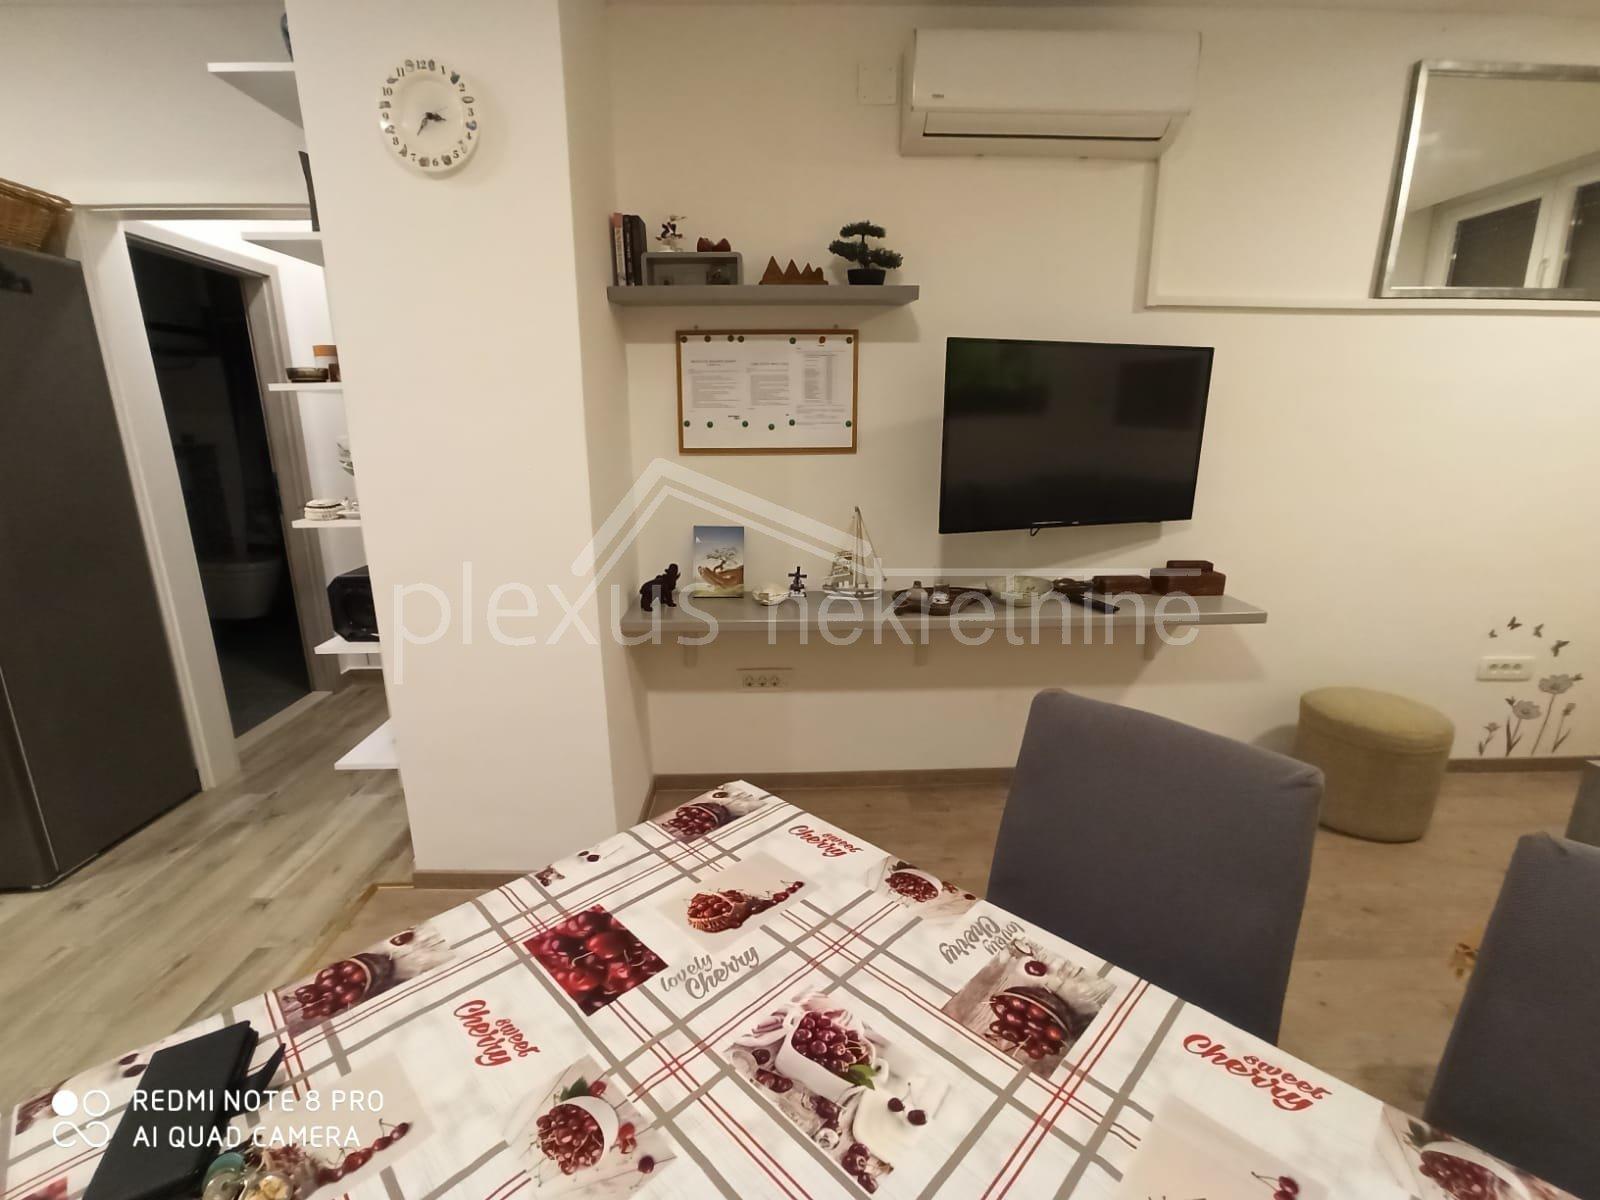 2 rooms, Apartment, 58m²